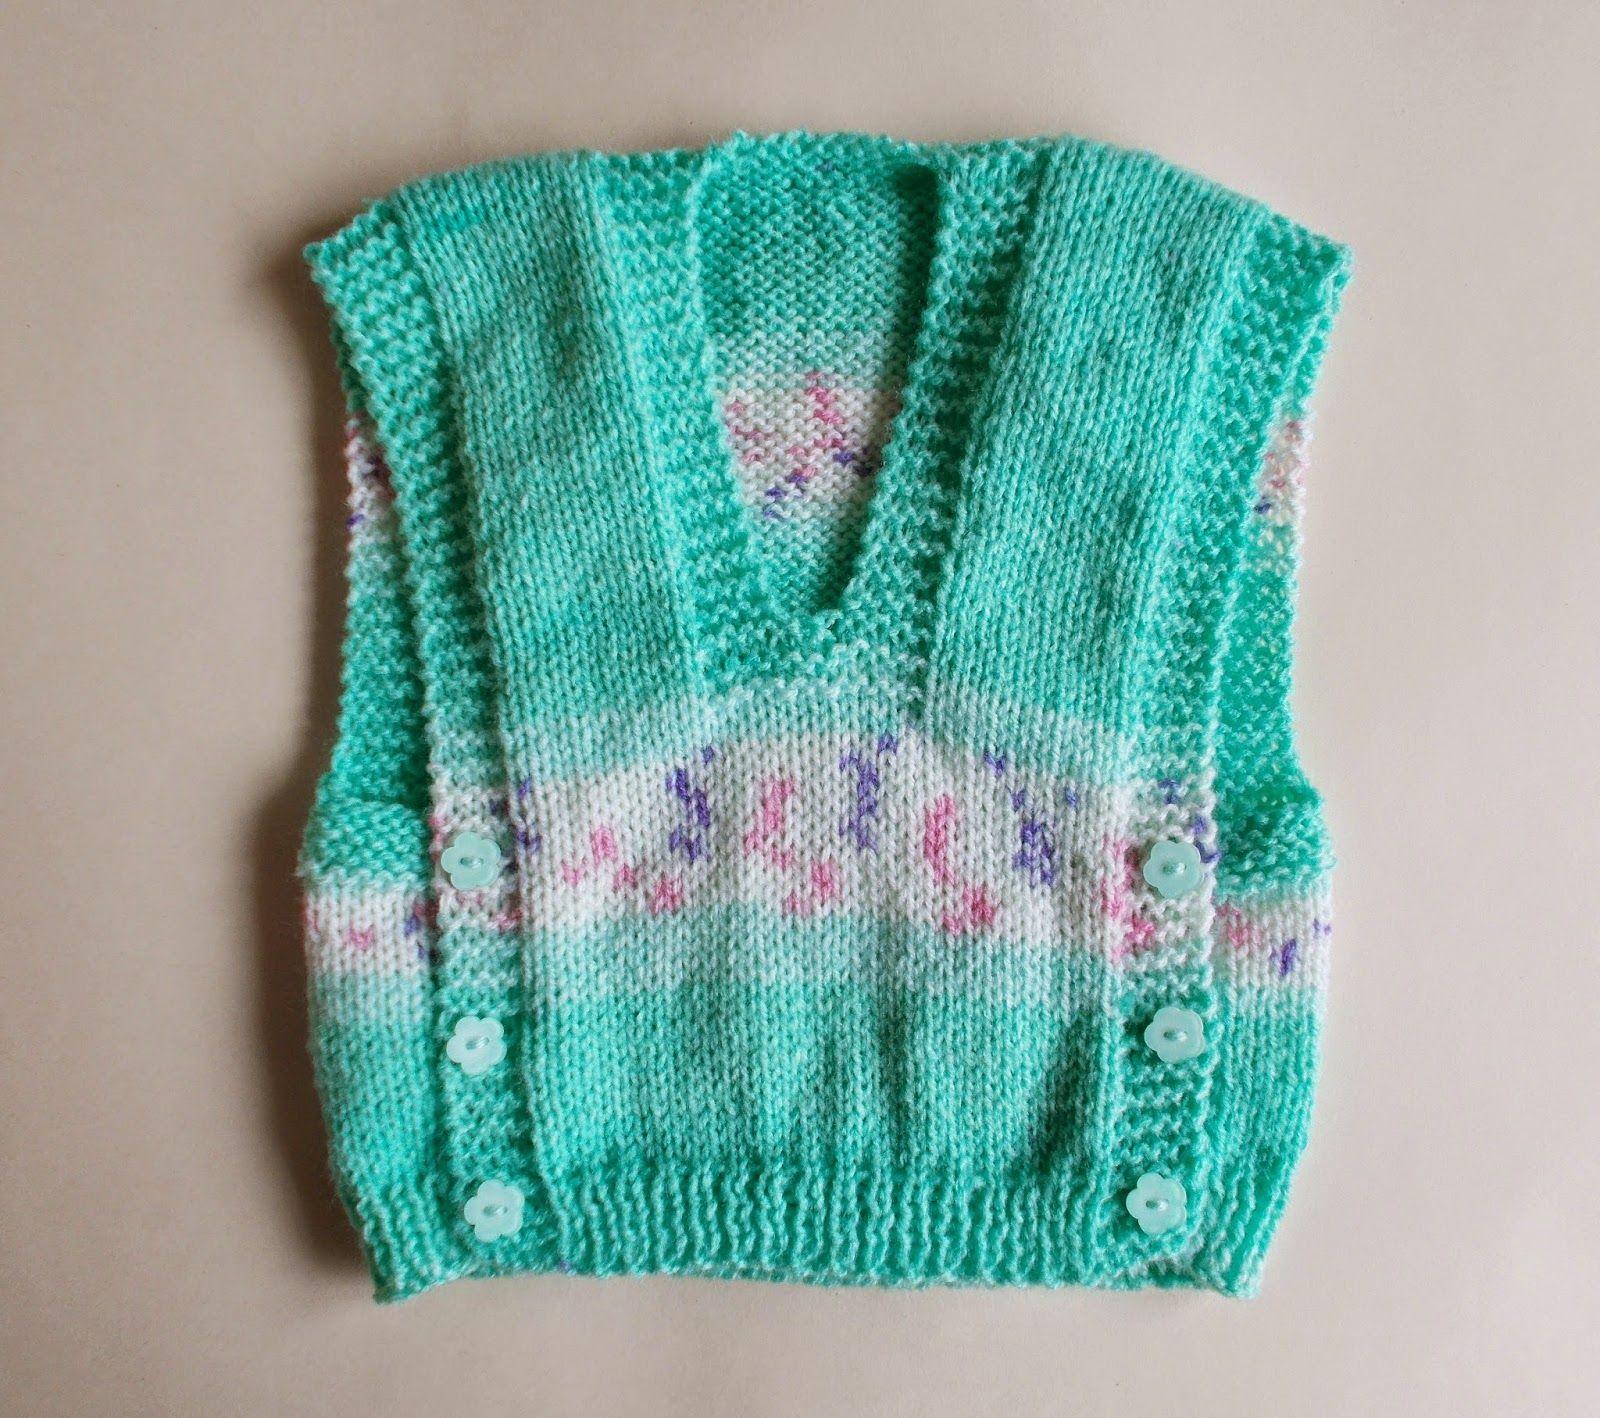 021e9e296f34f marianna s lazy daisy days  Melika self-patterning yarn baby vest ...